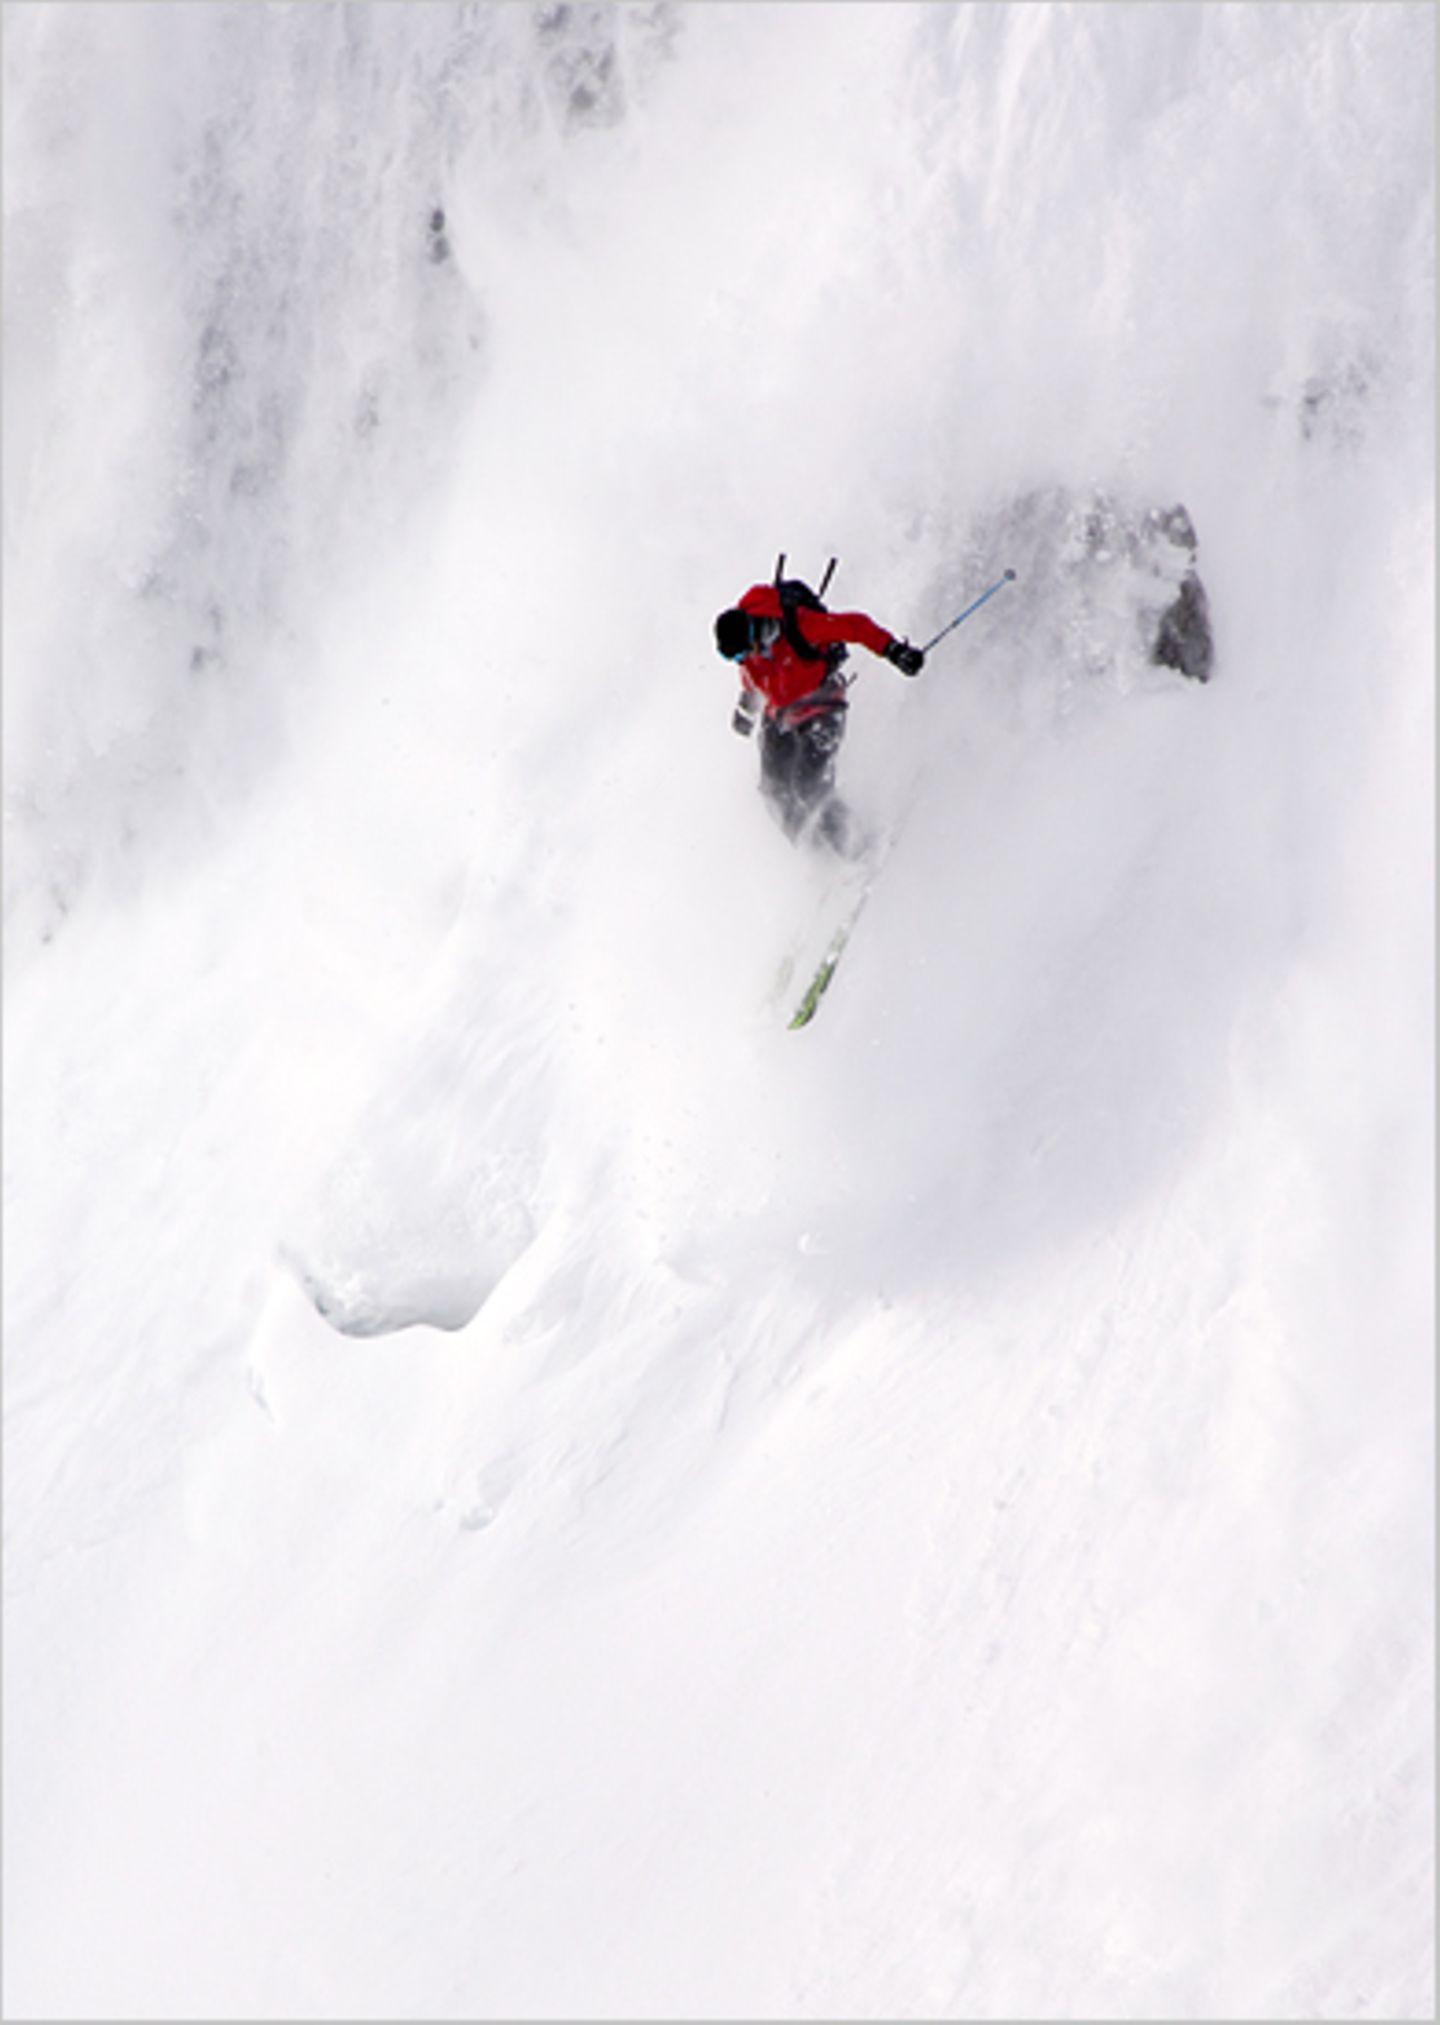 Gelegentlich werden Lawinen auch durch unvorsichtige Skifahrer ausgelöst